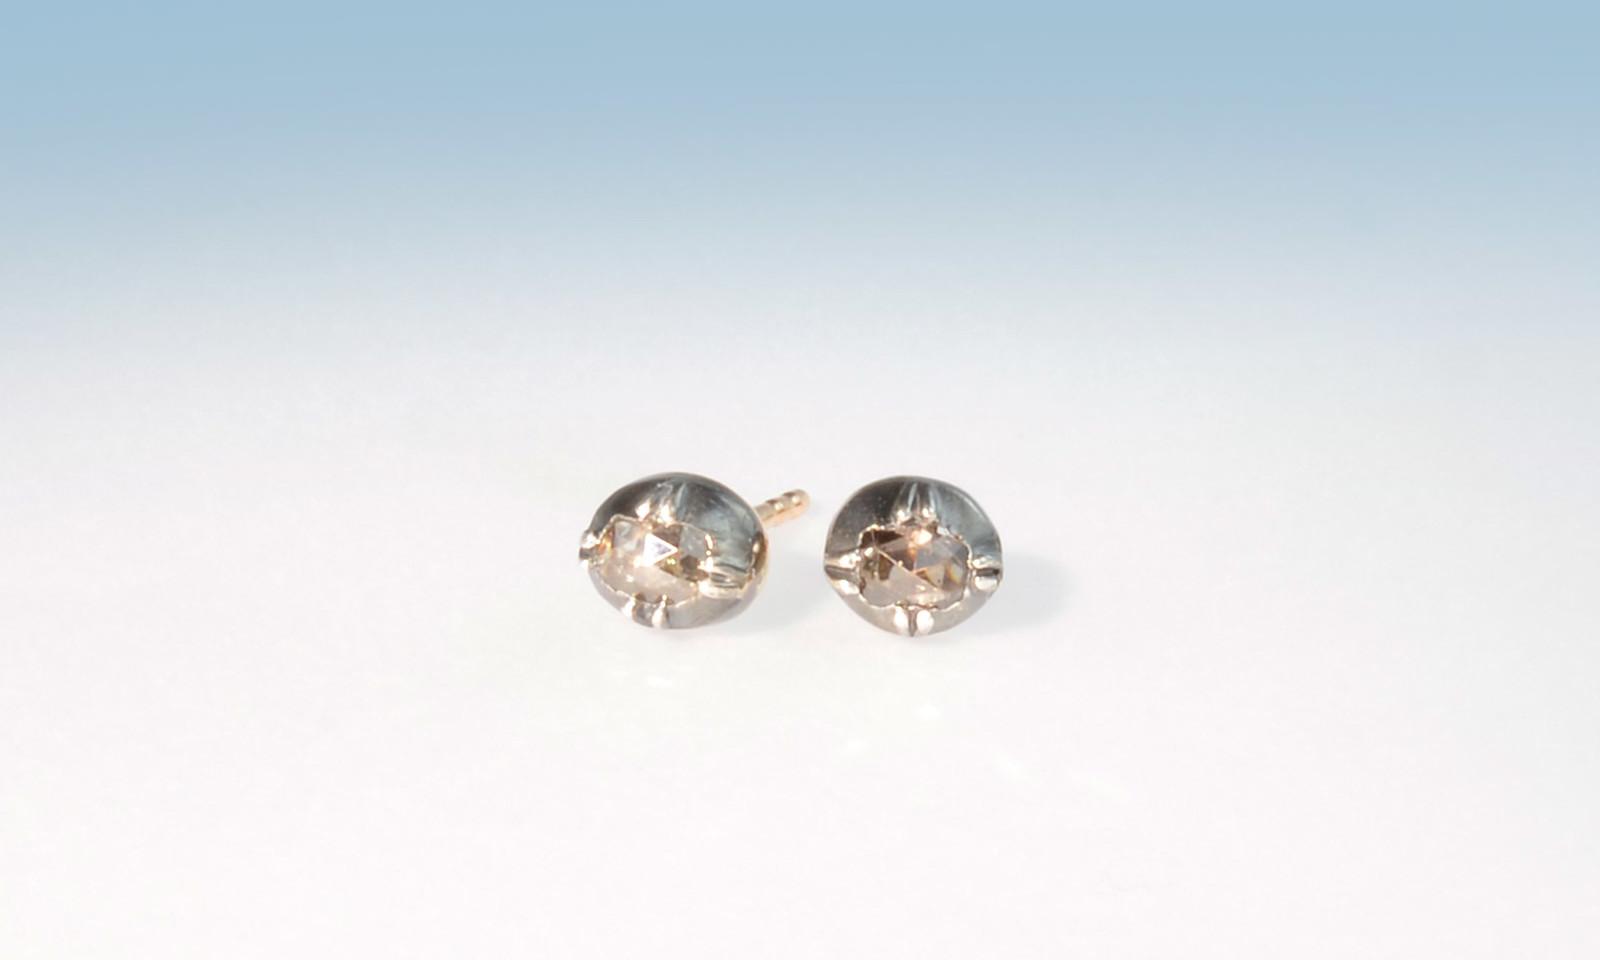 Ohrstecker diamantrosen. Ohrstecker mit Diamanten im Rosenschliff, um 1800, Silber auf Rotgold 750, CHF 1100.-